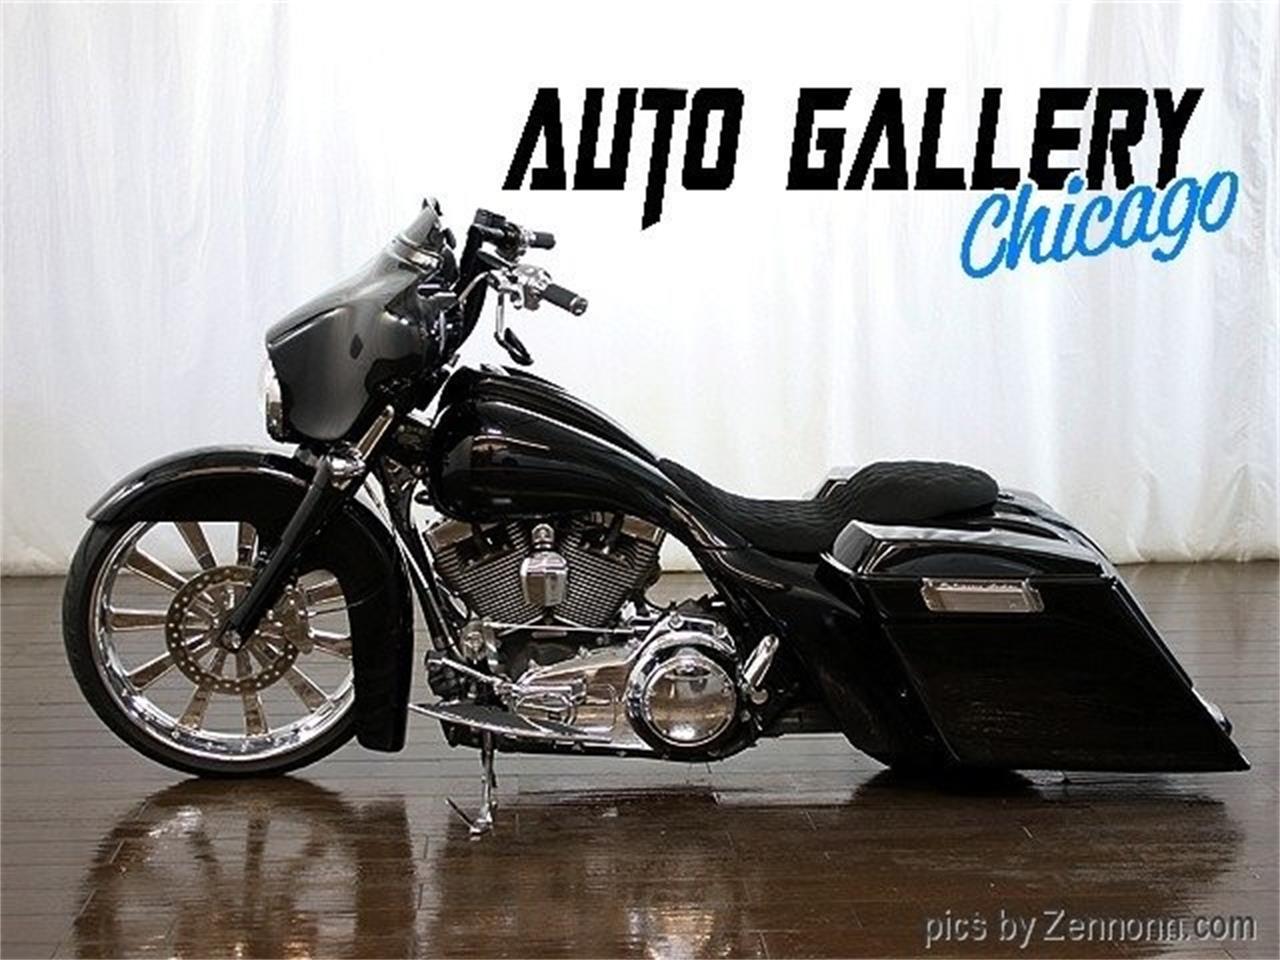 Harley Street Glide For Sale >> 2007 Harley Davidson Street Glide For Sale In Addison Il